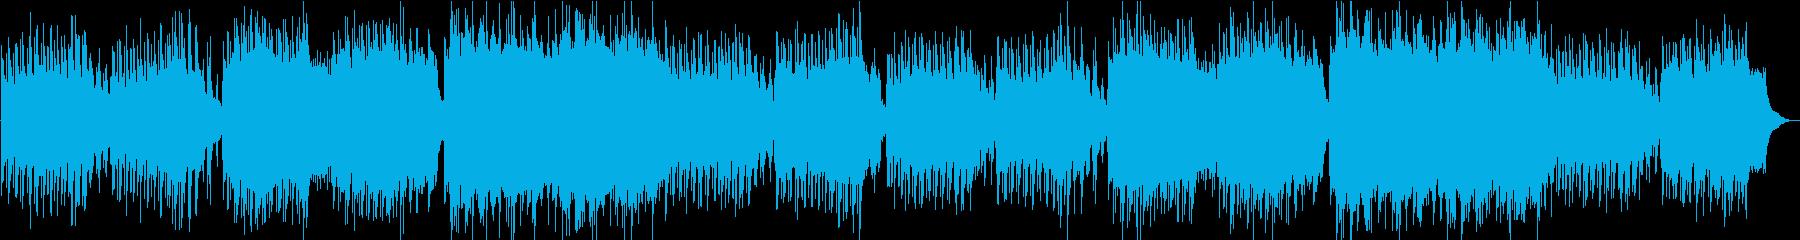 ユーモレスク オルゴールオーケストラの再生済みの波形